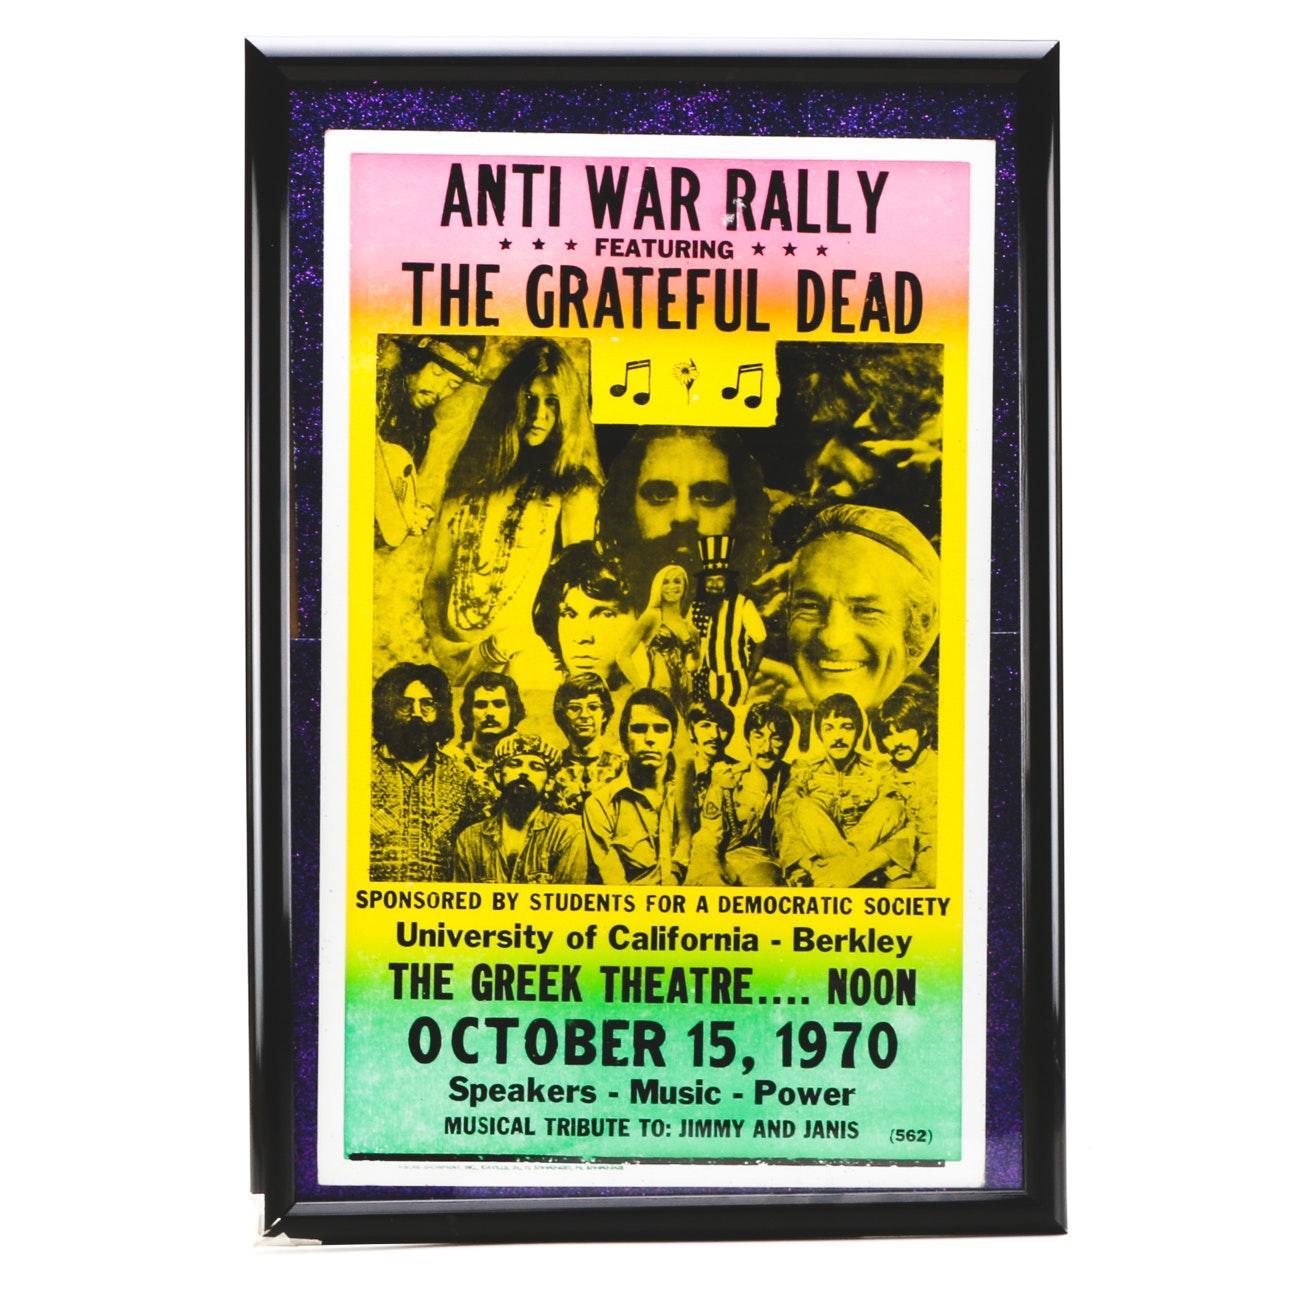 1970 Grateful Dead Anti-War Concert Poster